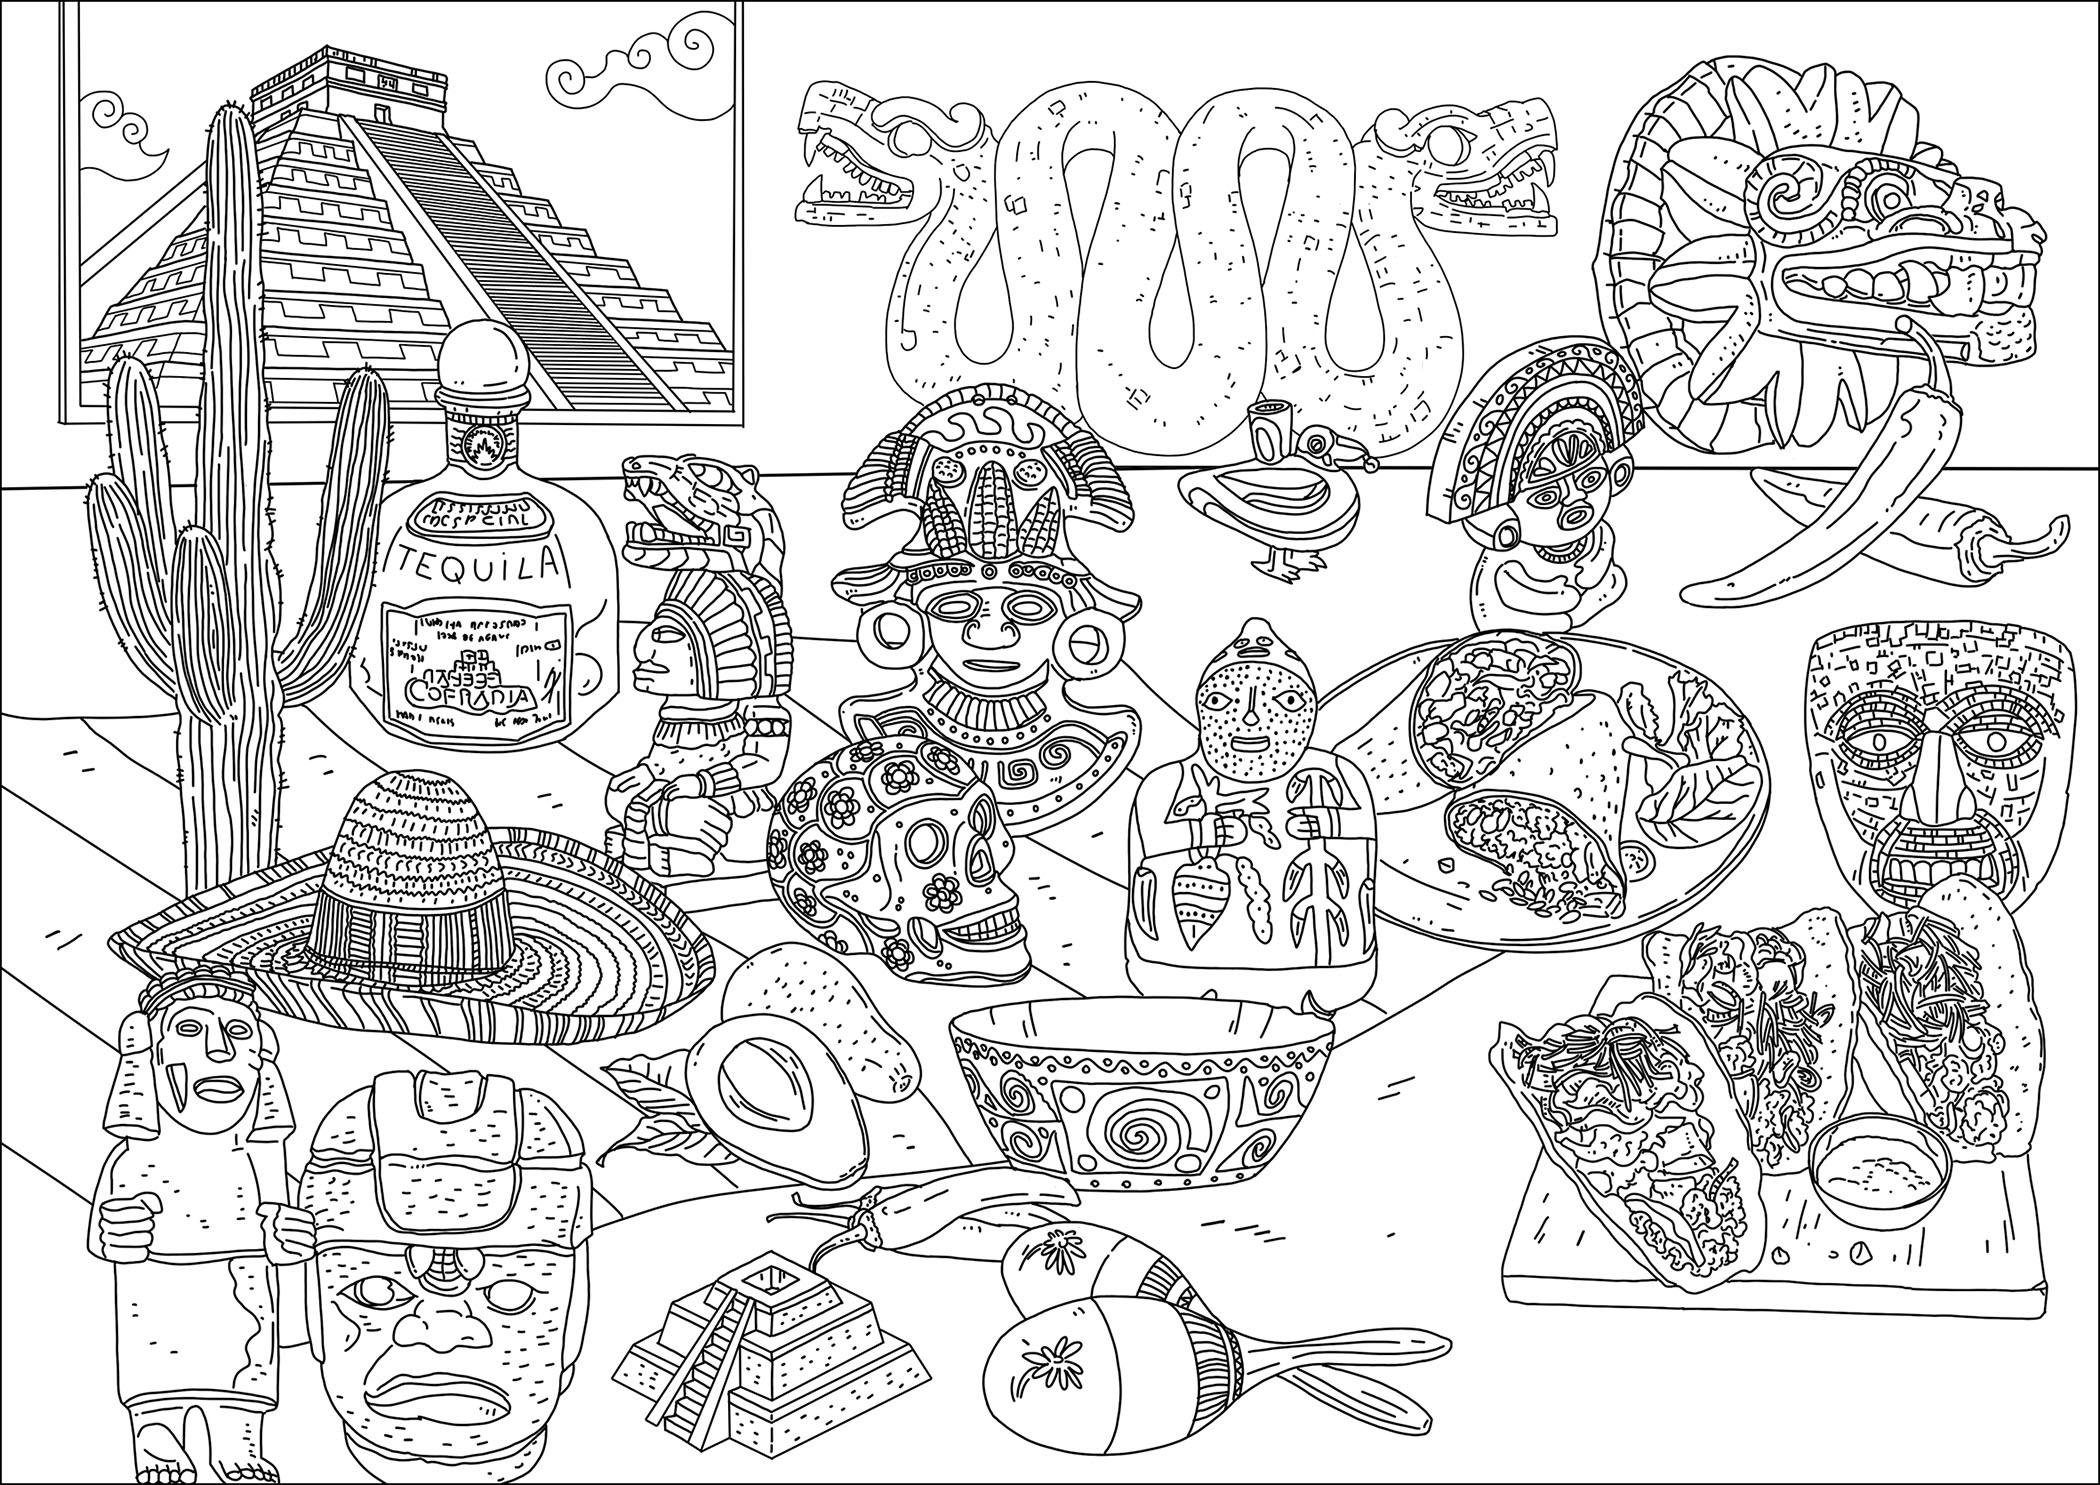 Colorear para Adultos : Mayas, Aztecas e Incas - 1